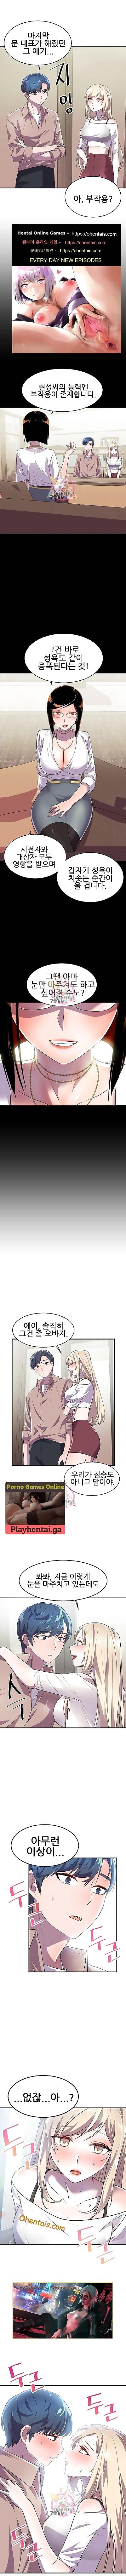 히어로 매니저 - HERO MANAGER Ch. 17-18 Korean